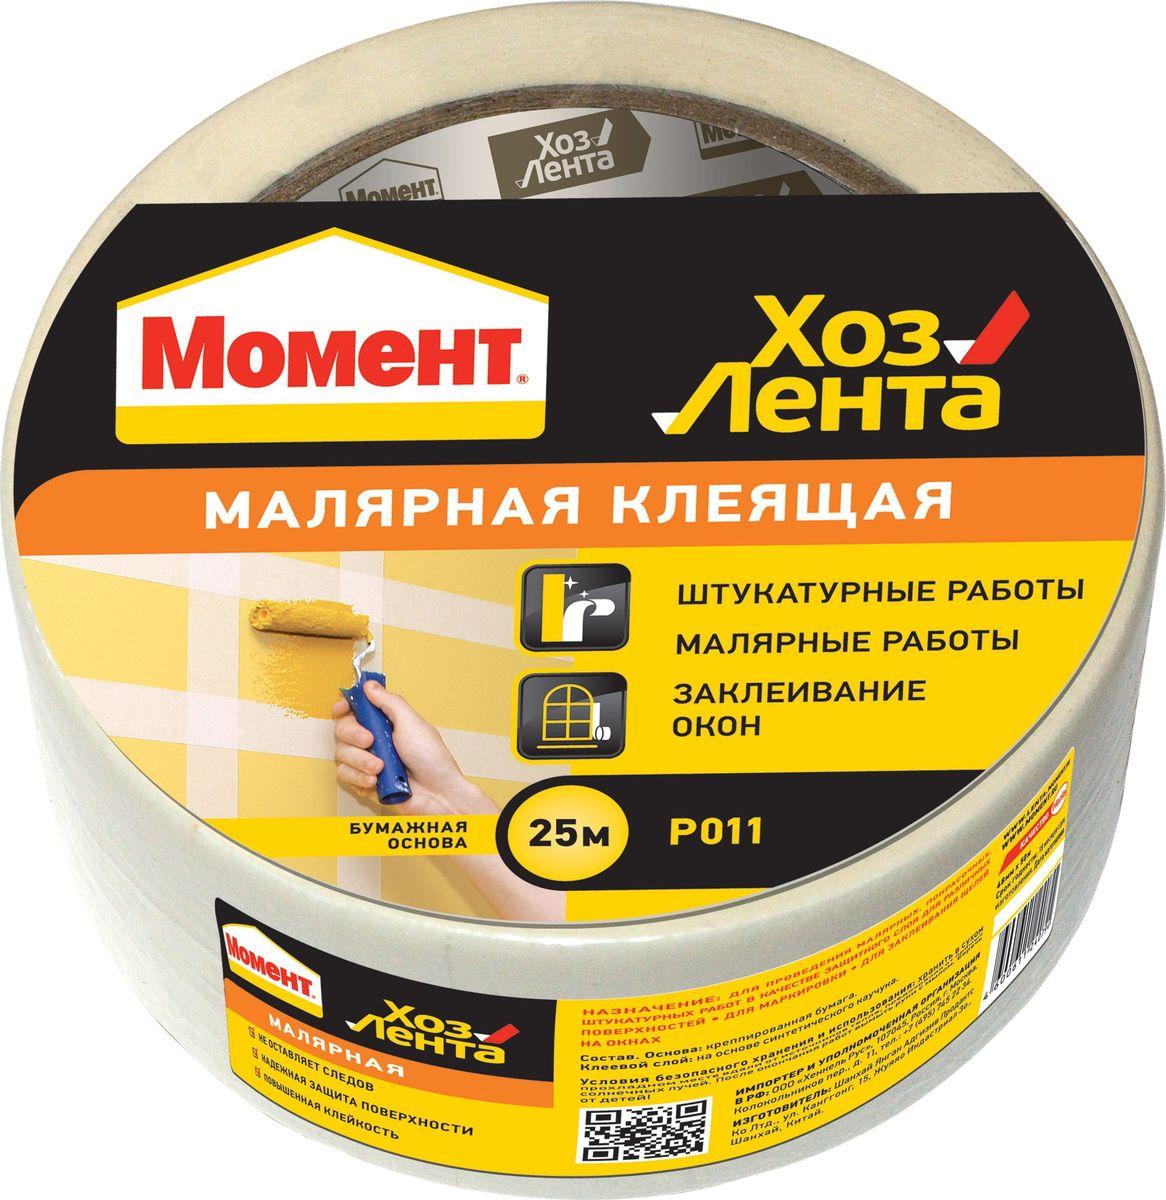 Лента клеящая Момент ХозЛента, малярная, цвет: белый, 50 мSVC-300Предназначена для защиты поверхностей при покраске, малярных и штукатурных работах.